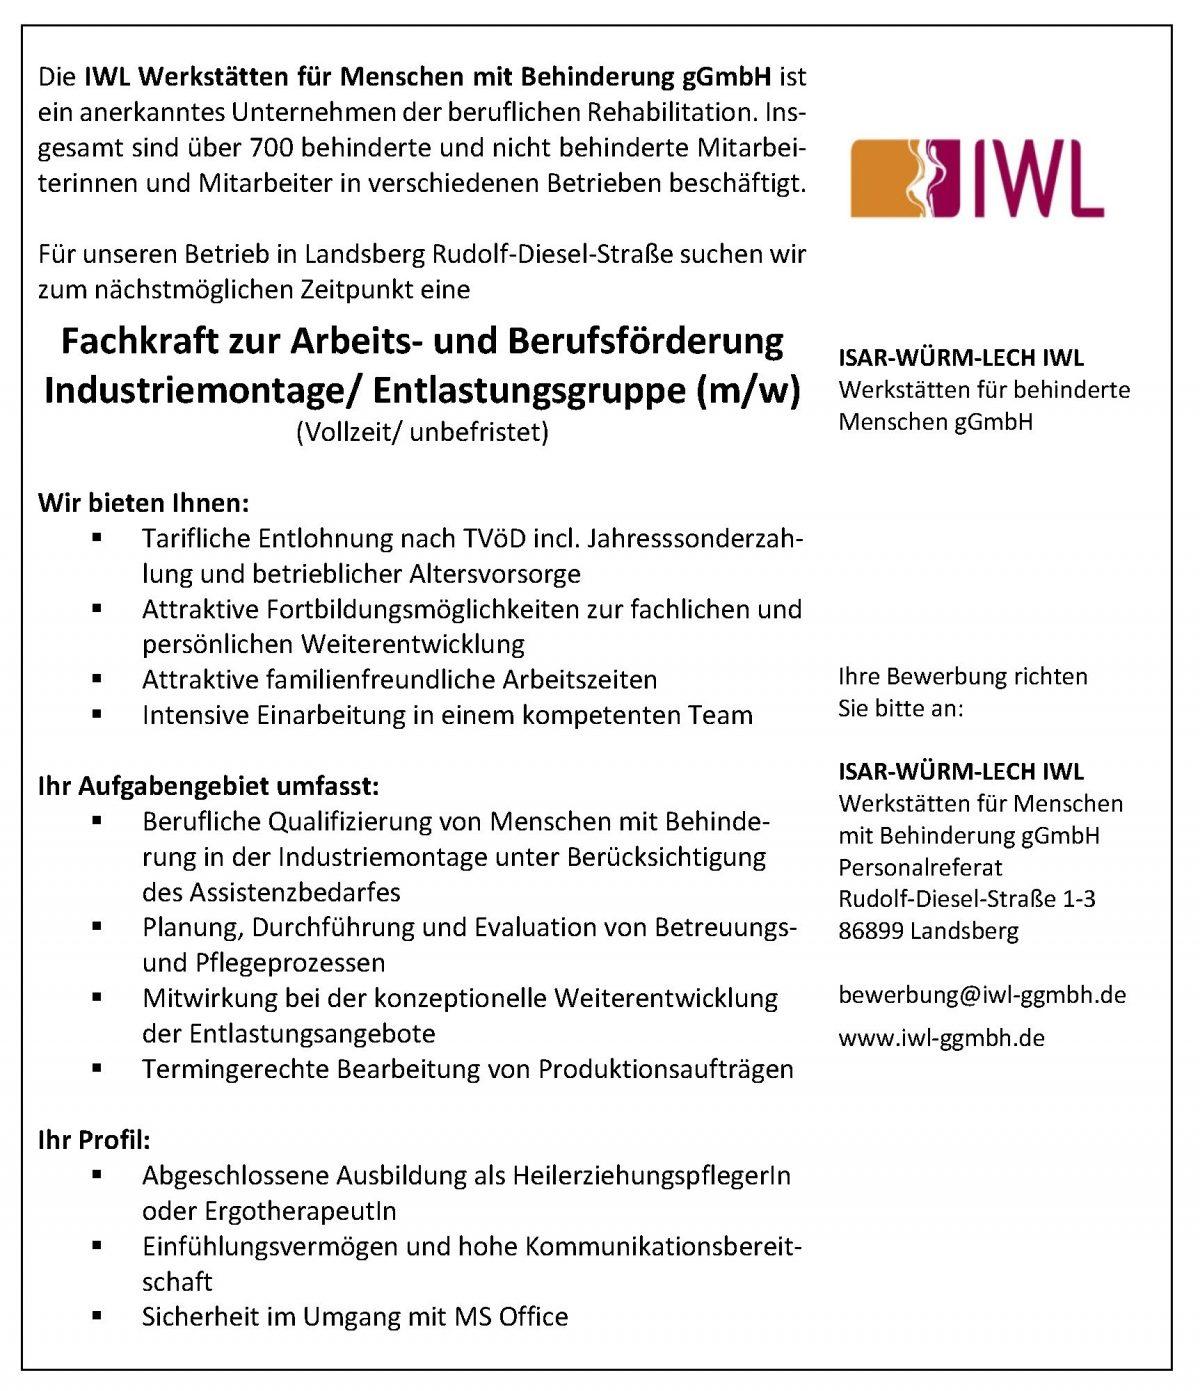 fachkraft zur arbeits und berufsfrderung industriemontageentlastungsgruppe mw im betrieb landsberg rds - Bewerbung Heilerziehungspfleger